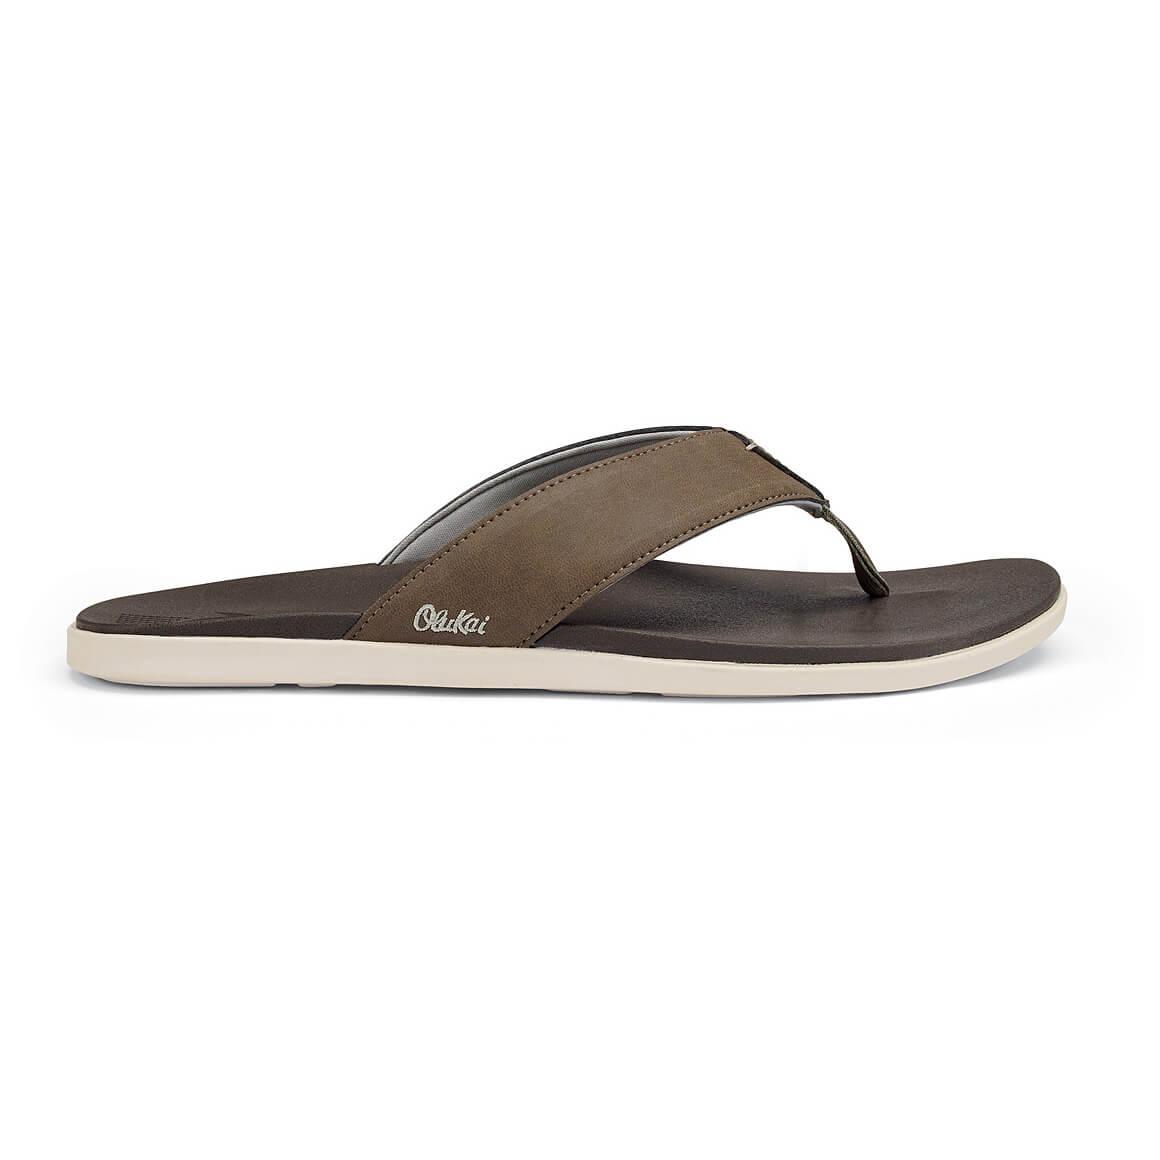 Holona Sandalen für Herren Low-Cost Verkauf Online Größte Anbieter Günstig Online Erkunden Zu Verkaufen Sehr Günstig Shop-Angebot qyaCKYN